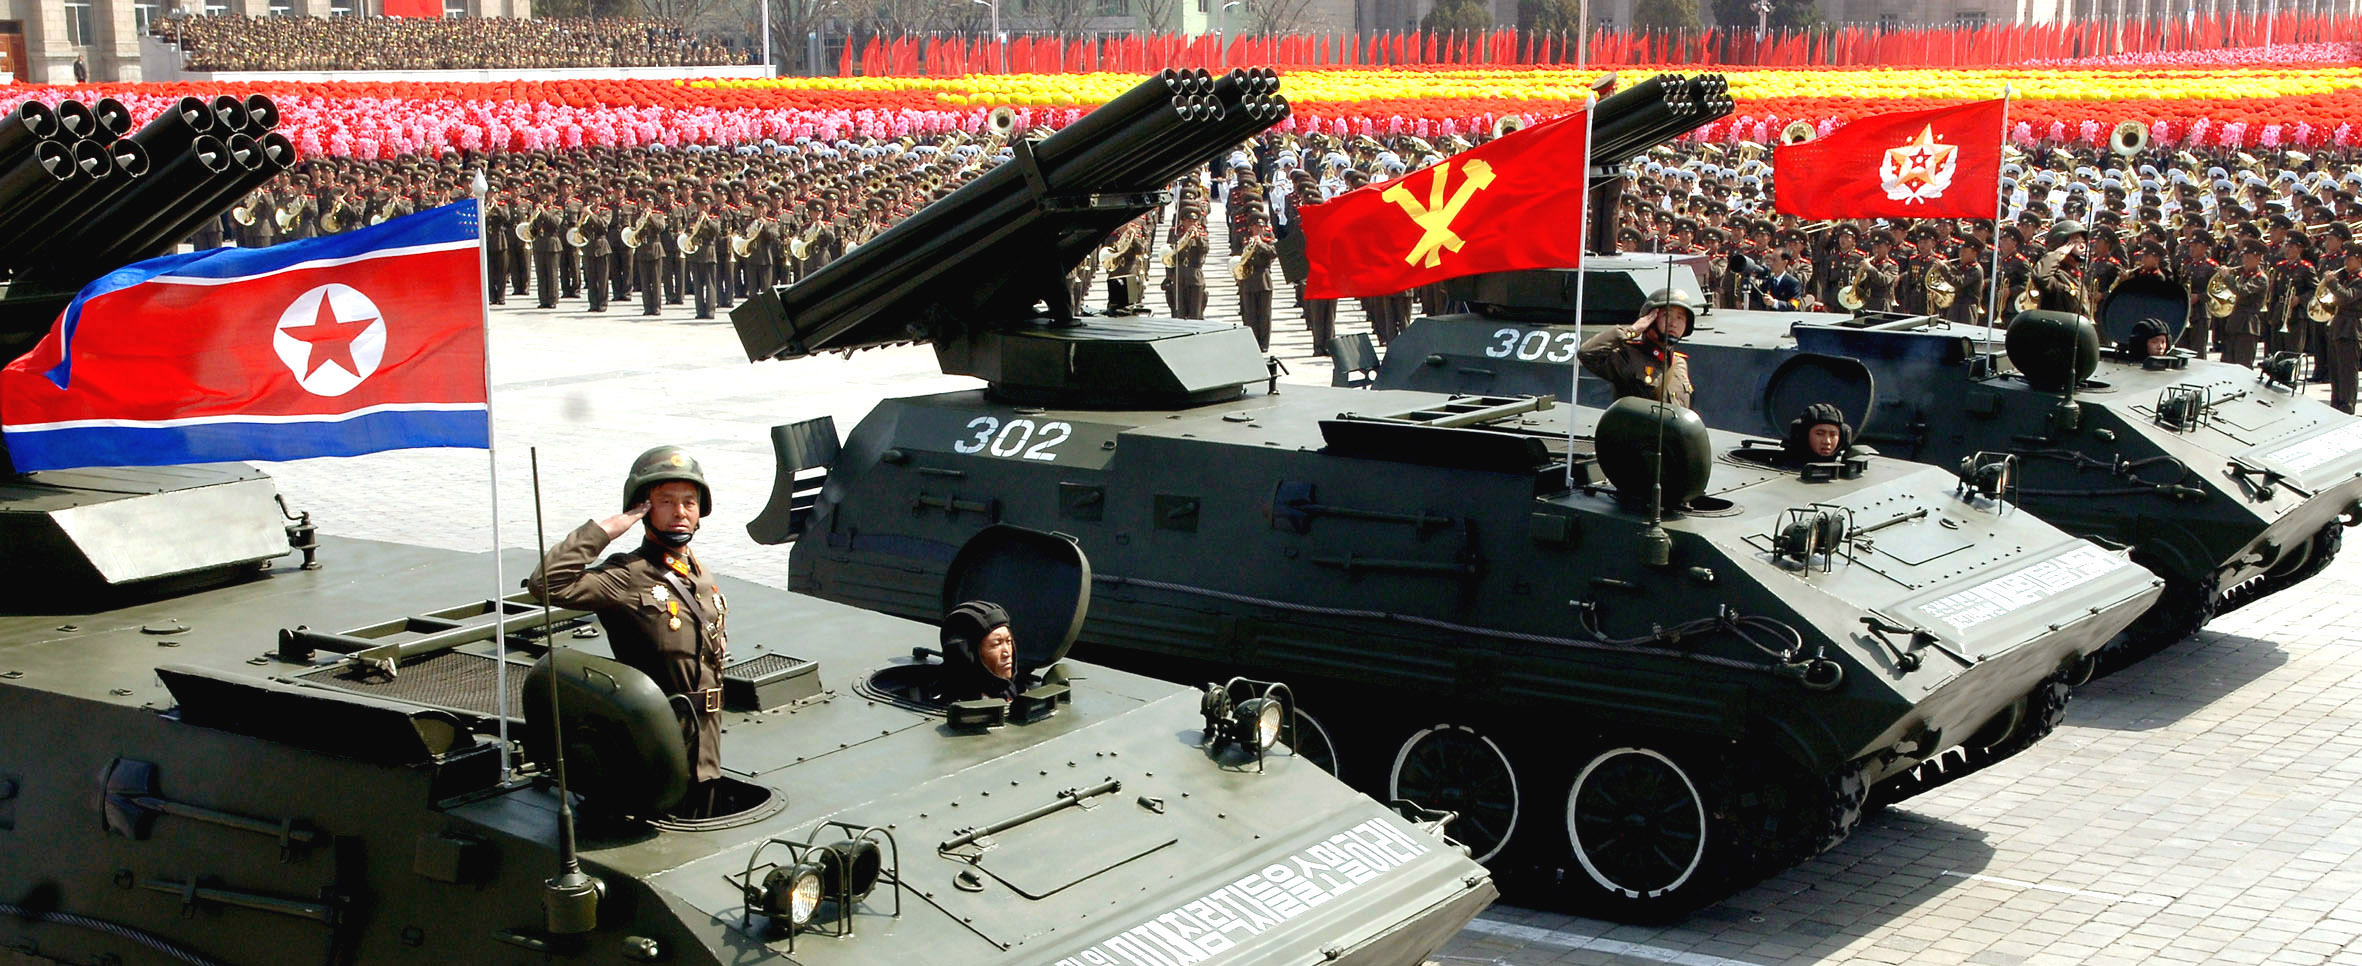 Государственный флаг КНДР, флаг ТПК и знамя Верховного Главнокомандующего на параде в Пхеньяне по случаю 4.15.2012